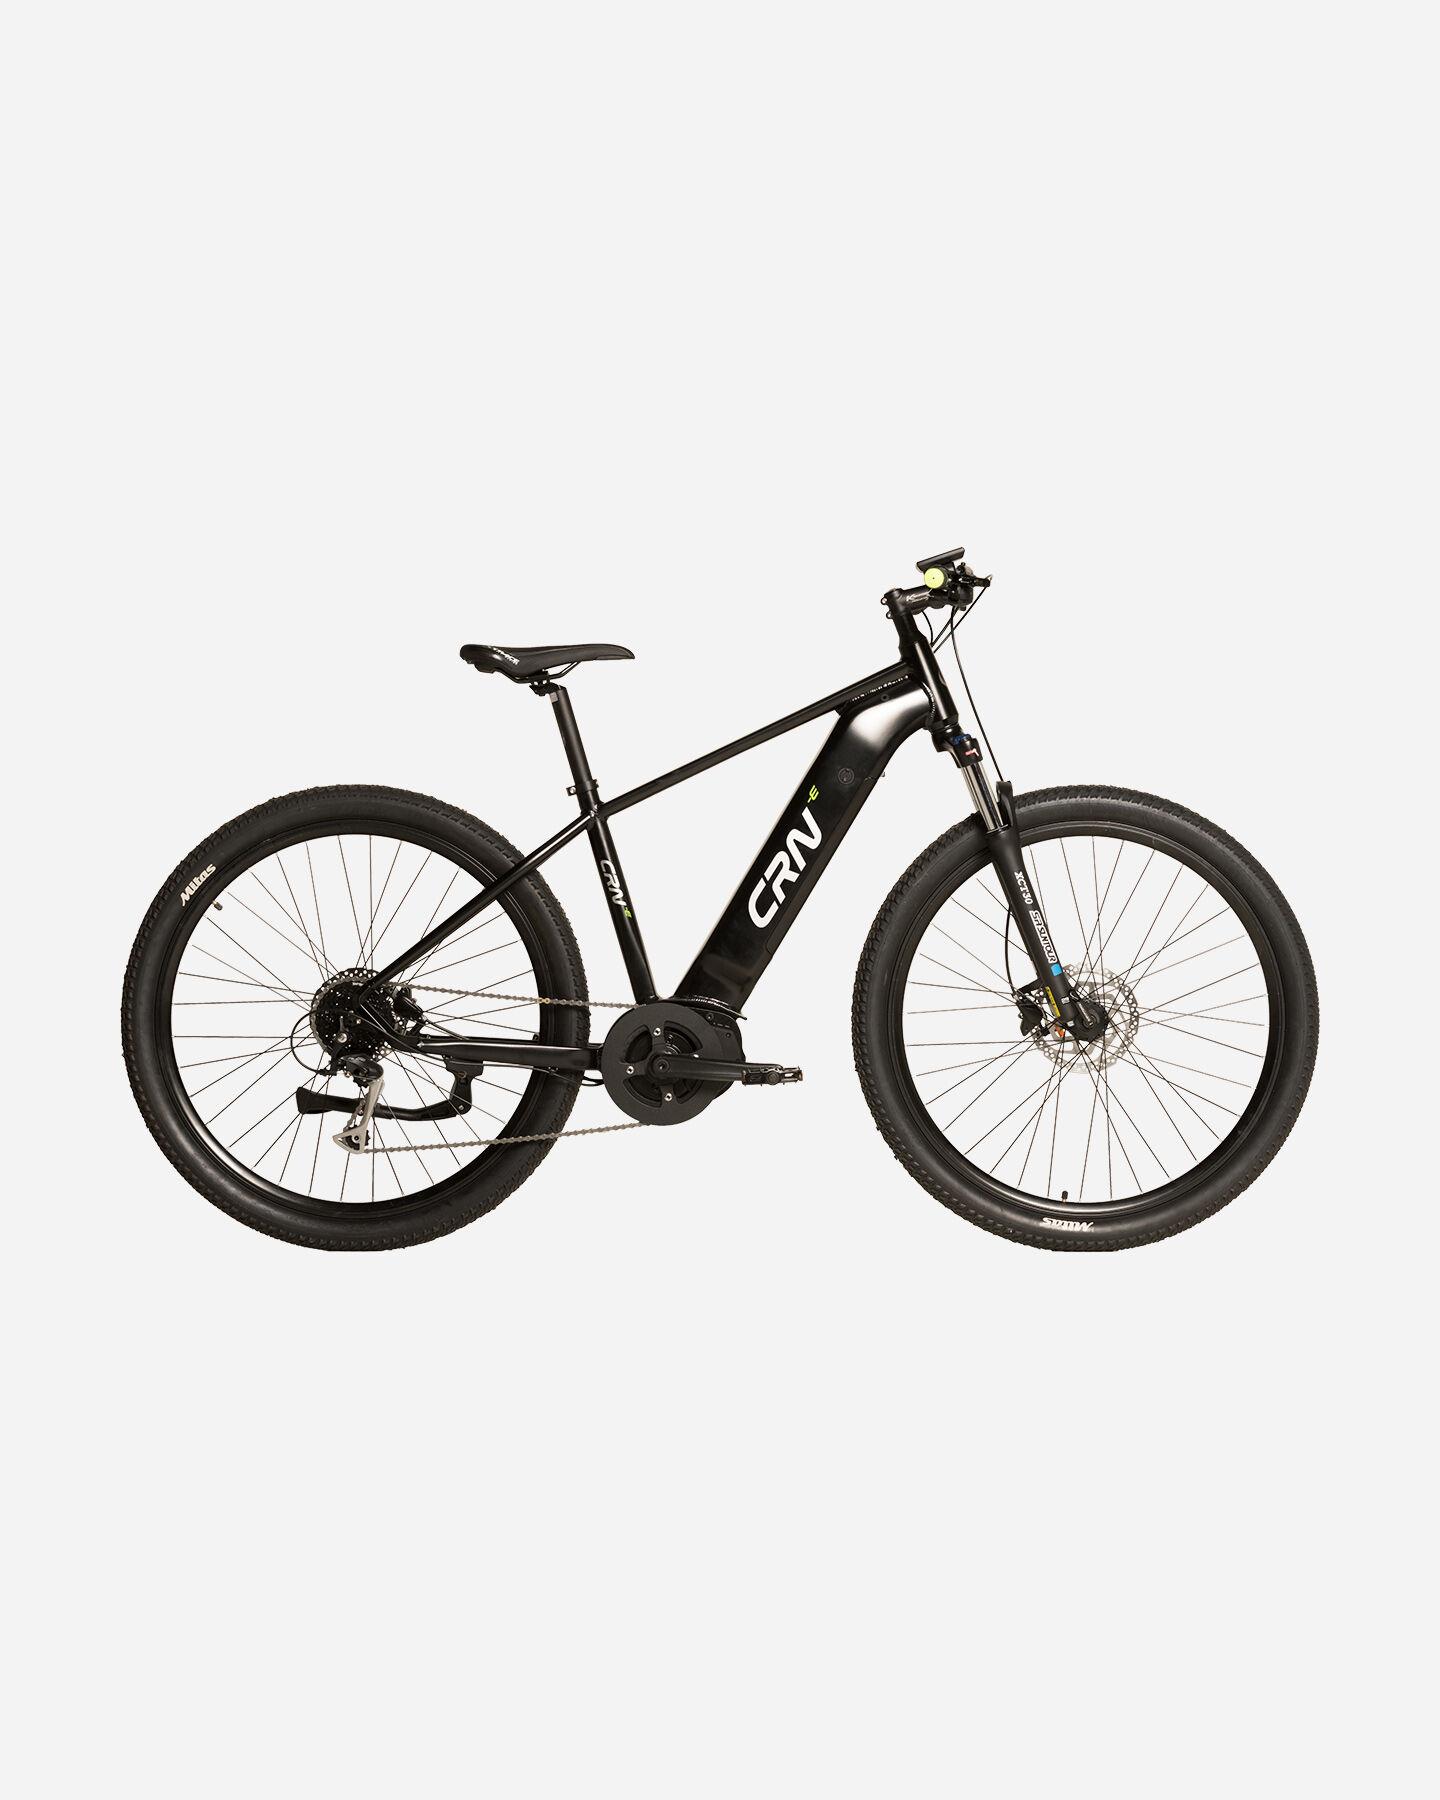 Bici elettrica CARNIELLI E- BIKE 9.4 S4098569 1 18 scatto 0